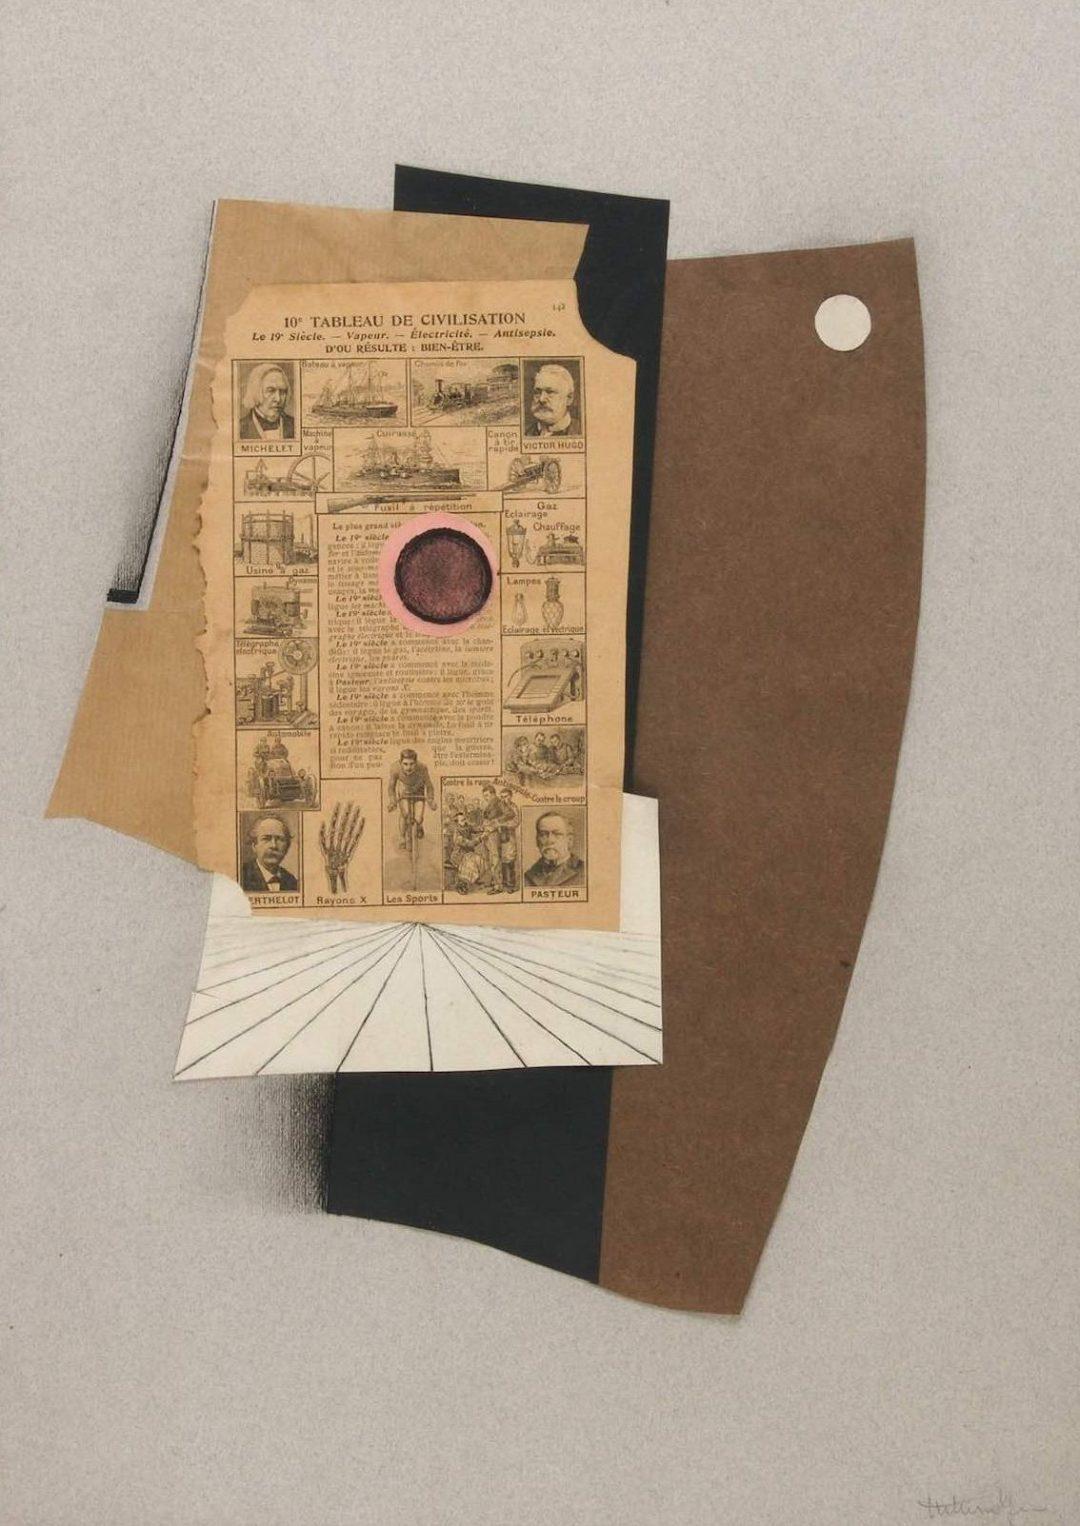 Sans titre (ou Tableau de civilisation) c.1925-1926, collage et encre sur papier, 46 x 32,5 cm, collection privée